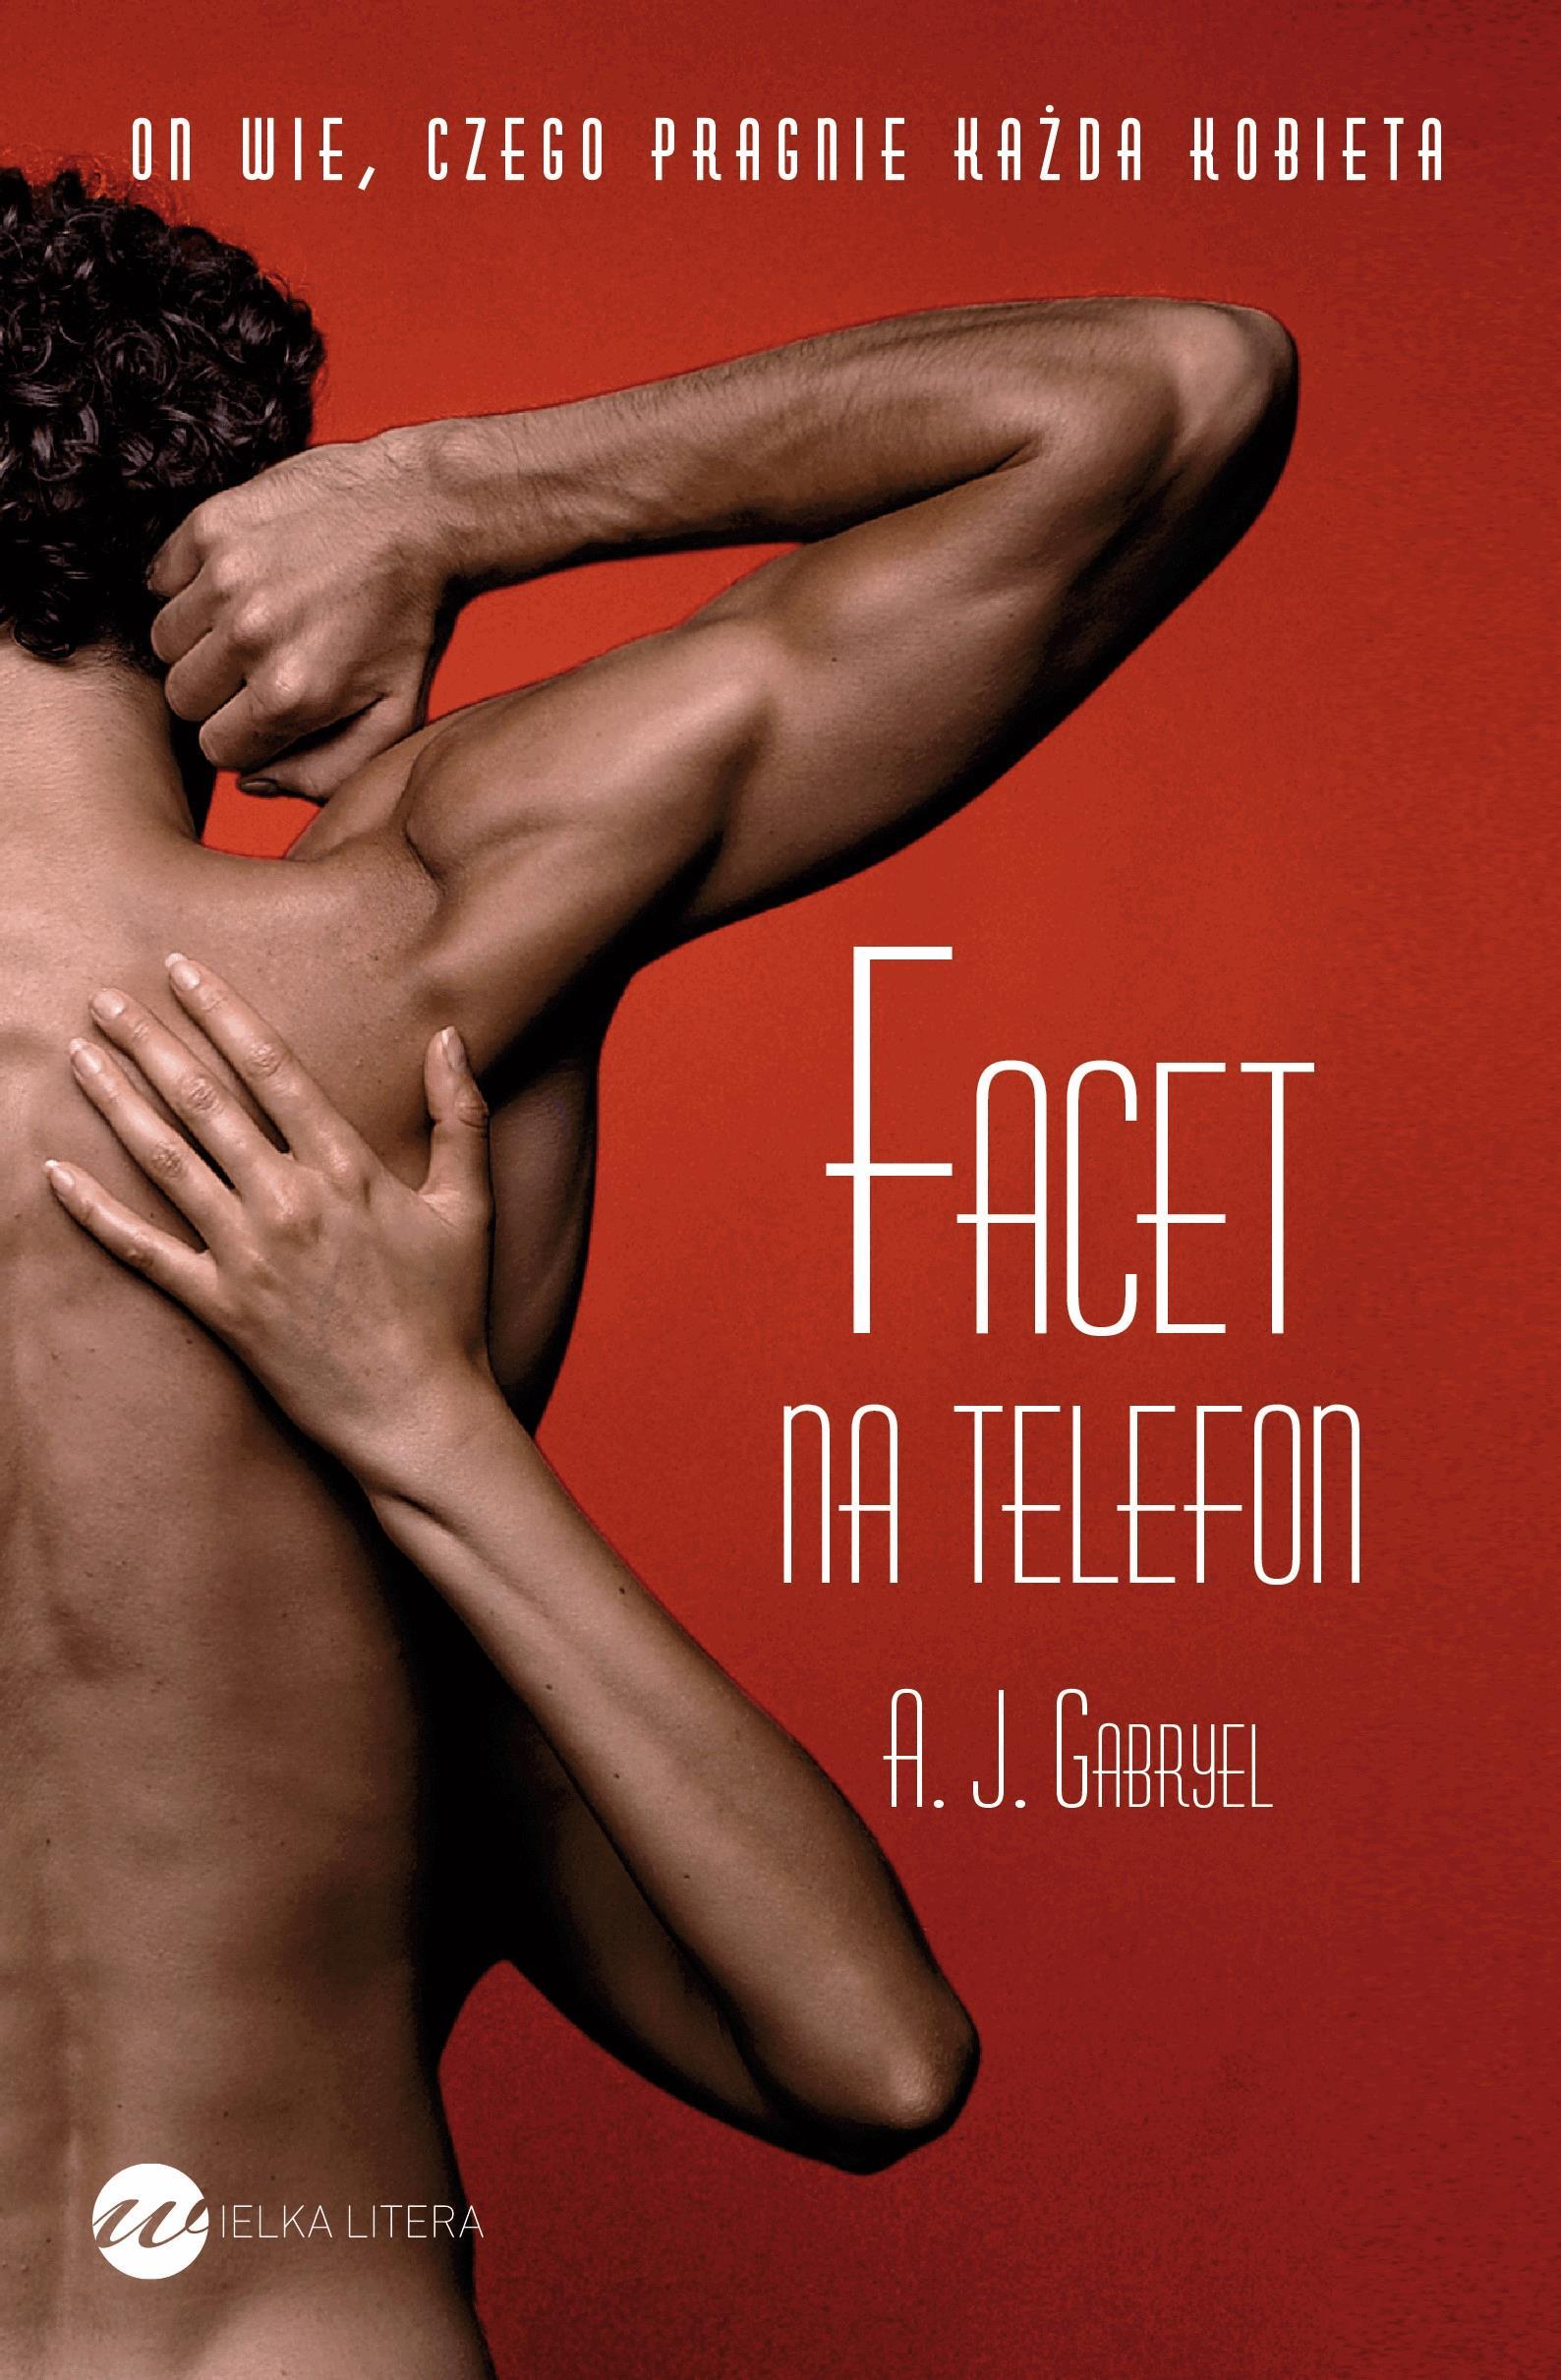 Facet na telefon - Tylko w Legimi możesz przeczytać ten tytuł przez 7 dni za darmo. - A.J. Gabryel